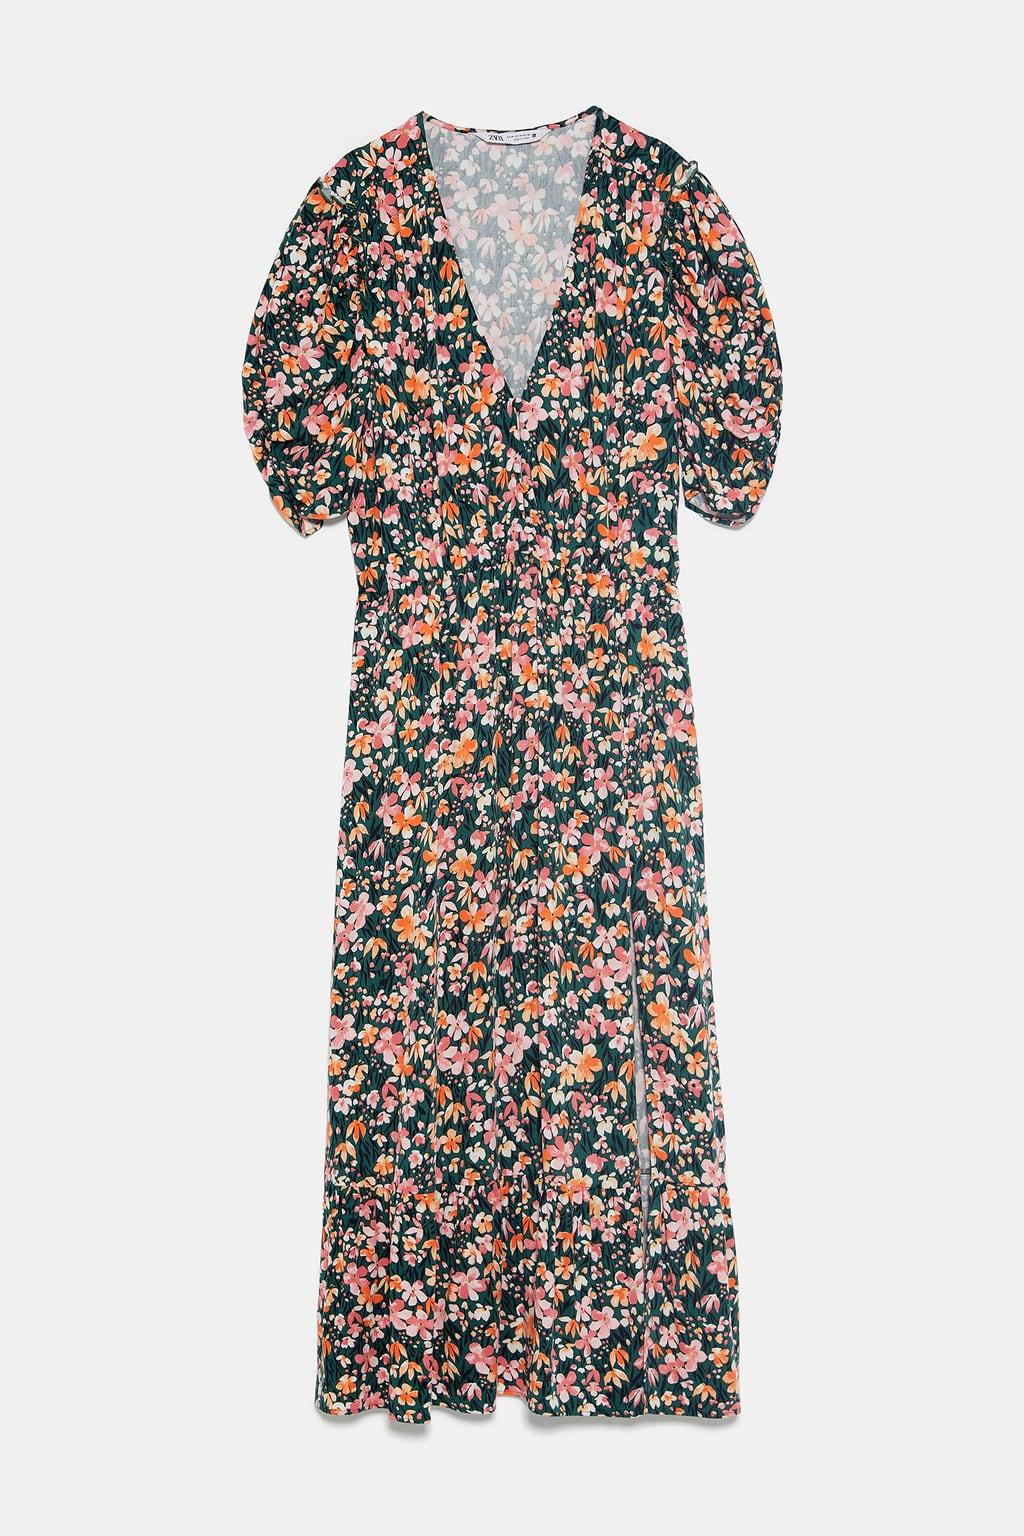 Luftige kjoler sommer 2019